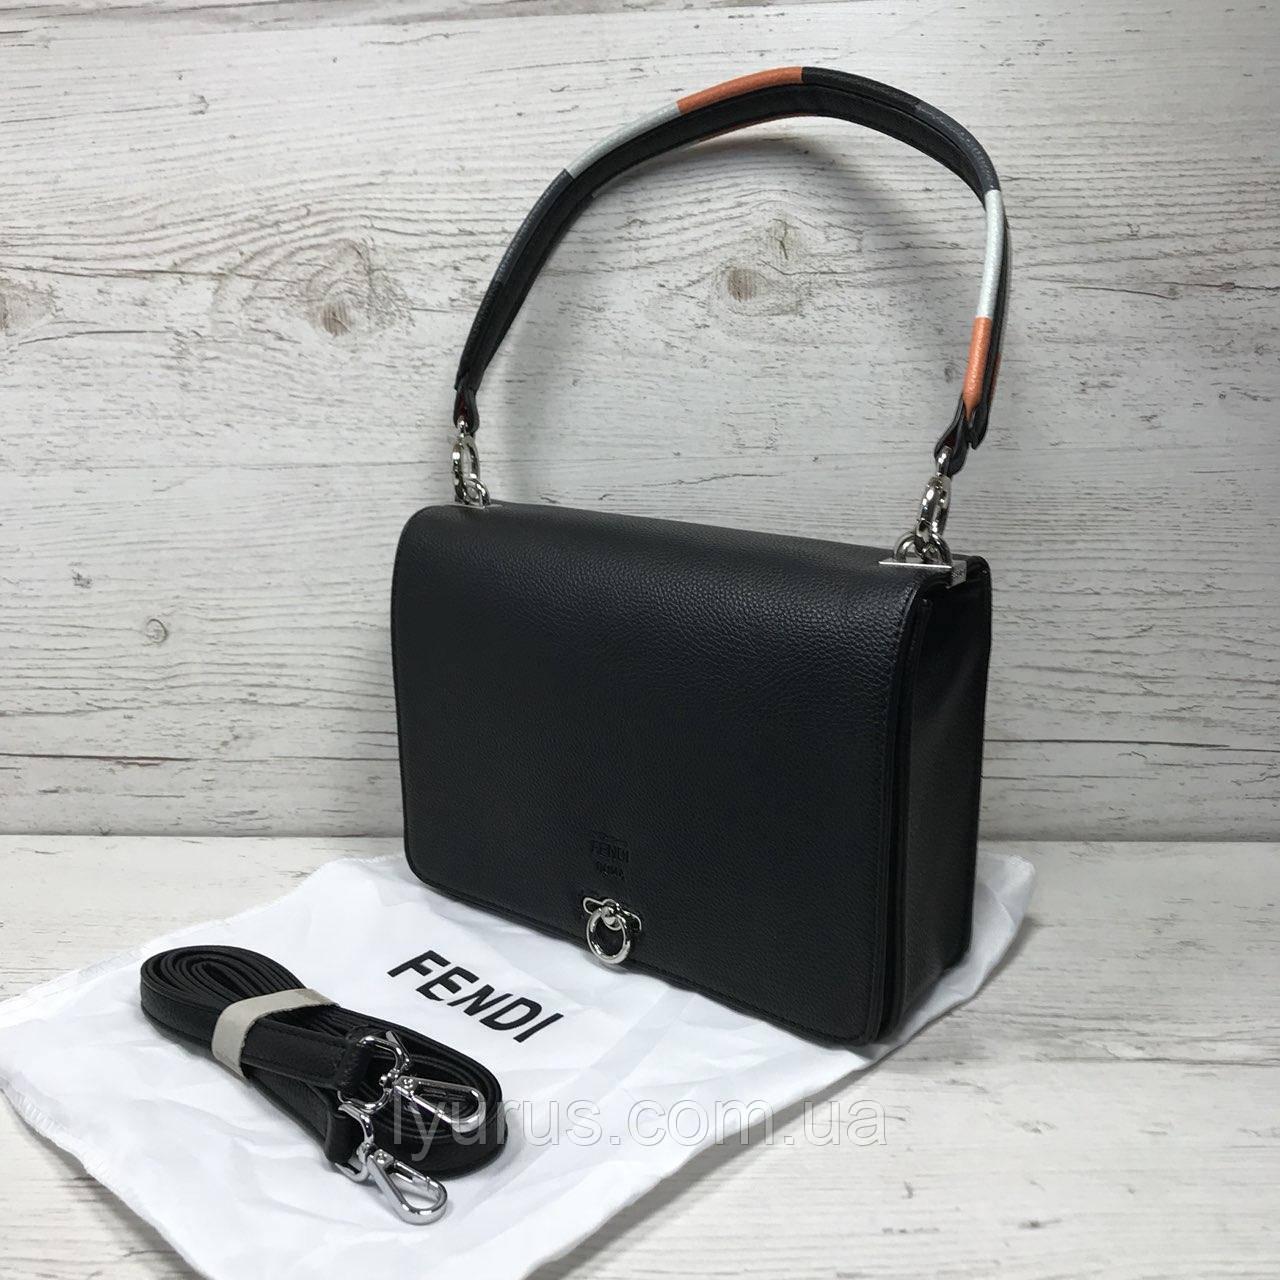 f57a73a30dad Женская брендовая сумка Fendi (Фенди) - Интернет магазин LyuRus в Полтаве